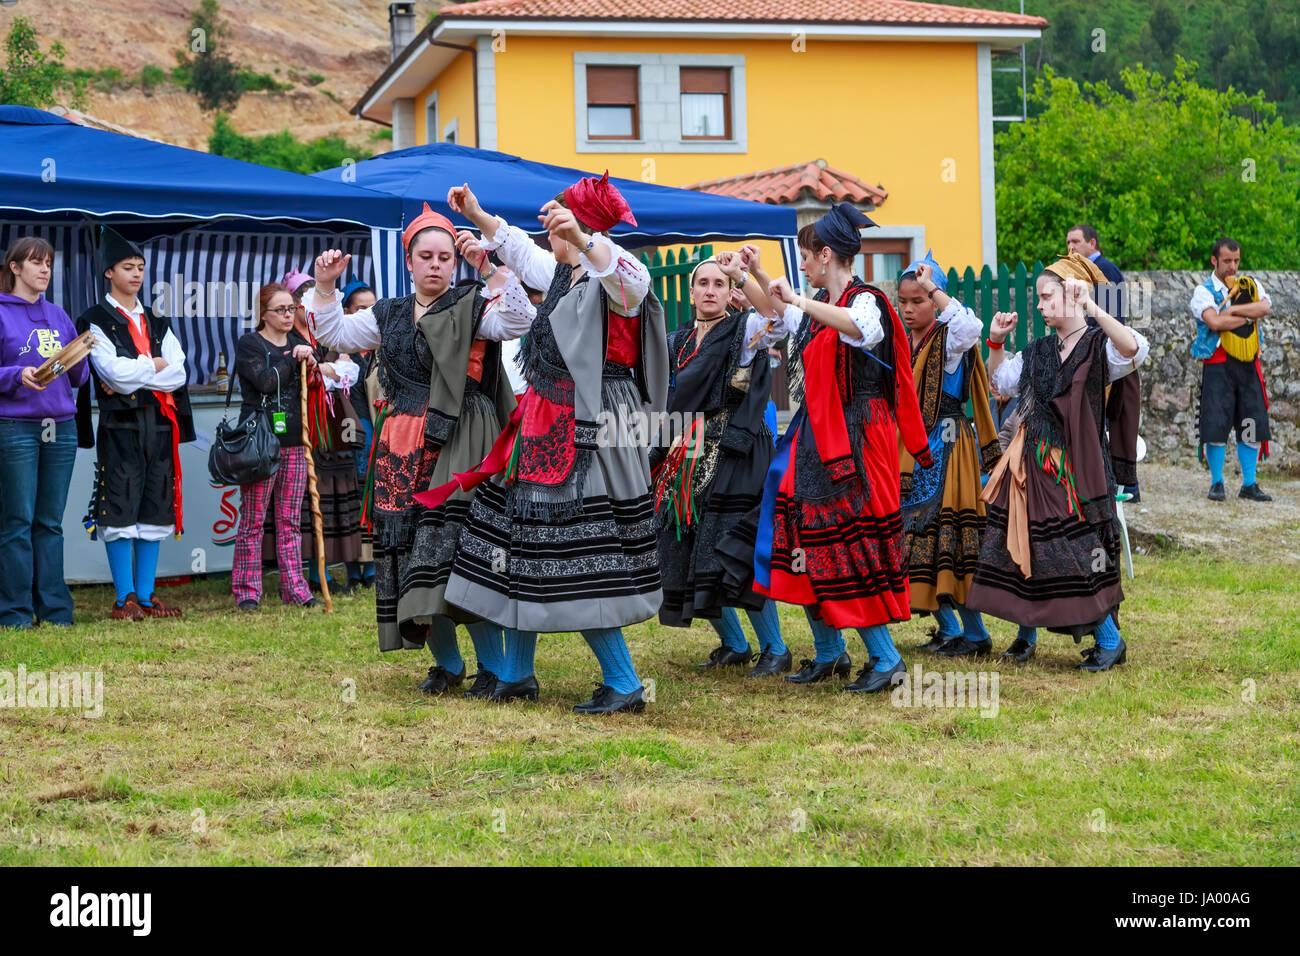 BUELNA, Spagna - 23 giugno: Il gruppo di musica da ballo Entremontañas Virgen de la Cuesta in ballo tradizionale Immagini Stock